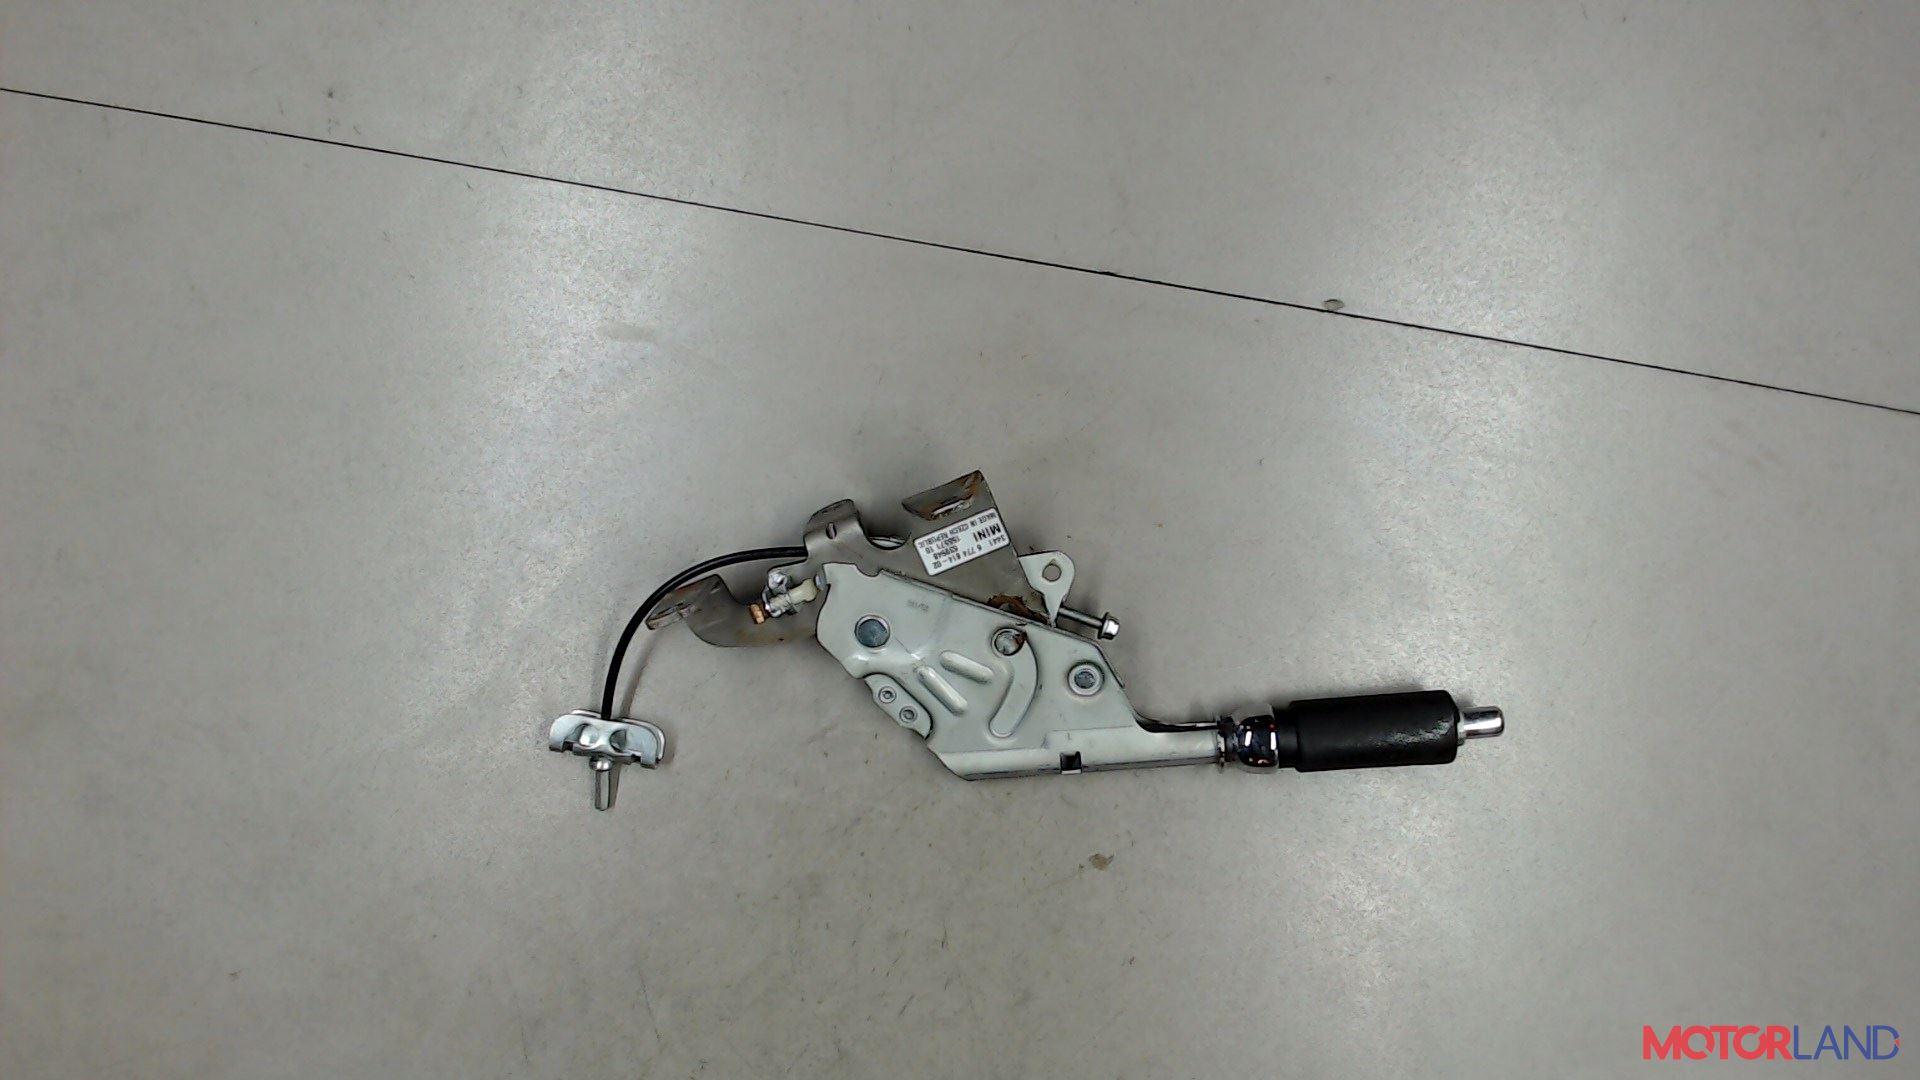 Рычаг ручного тормоза (ручника) Mini Clubman 2007-2010, Артикул 5081572 #1